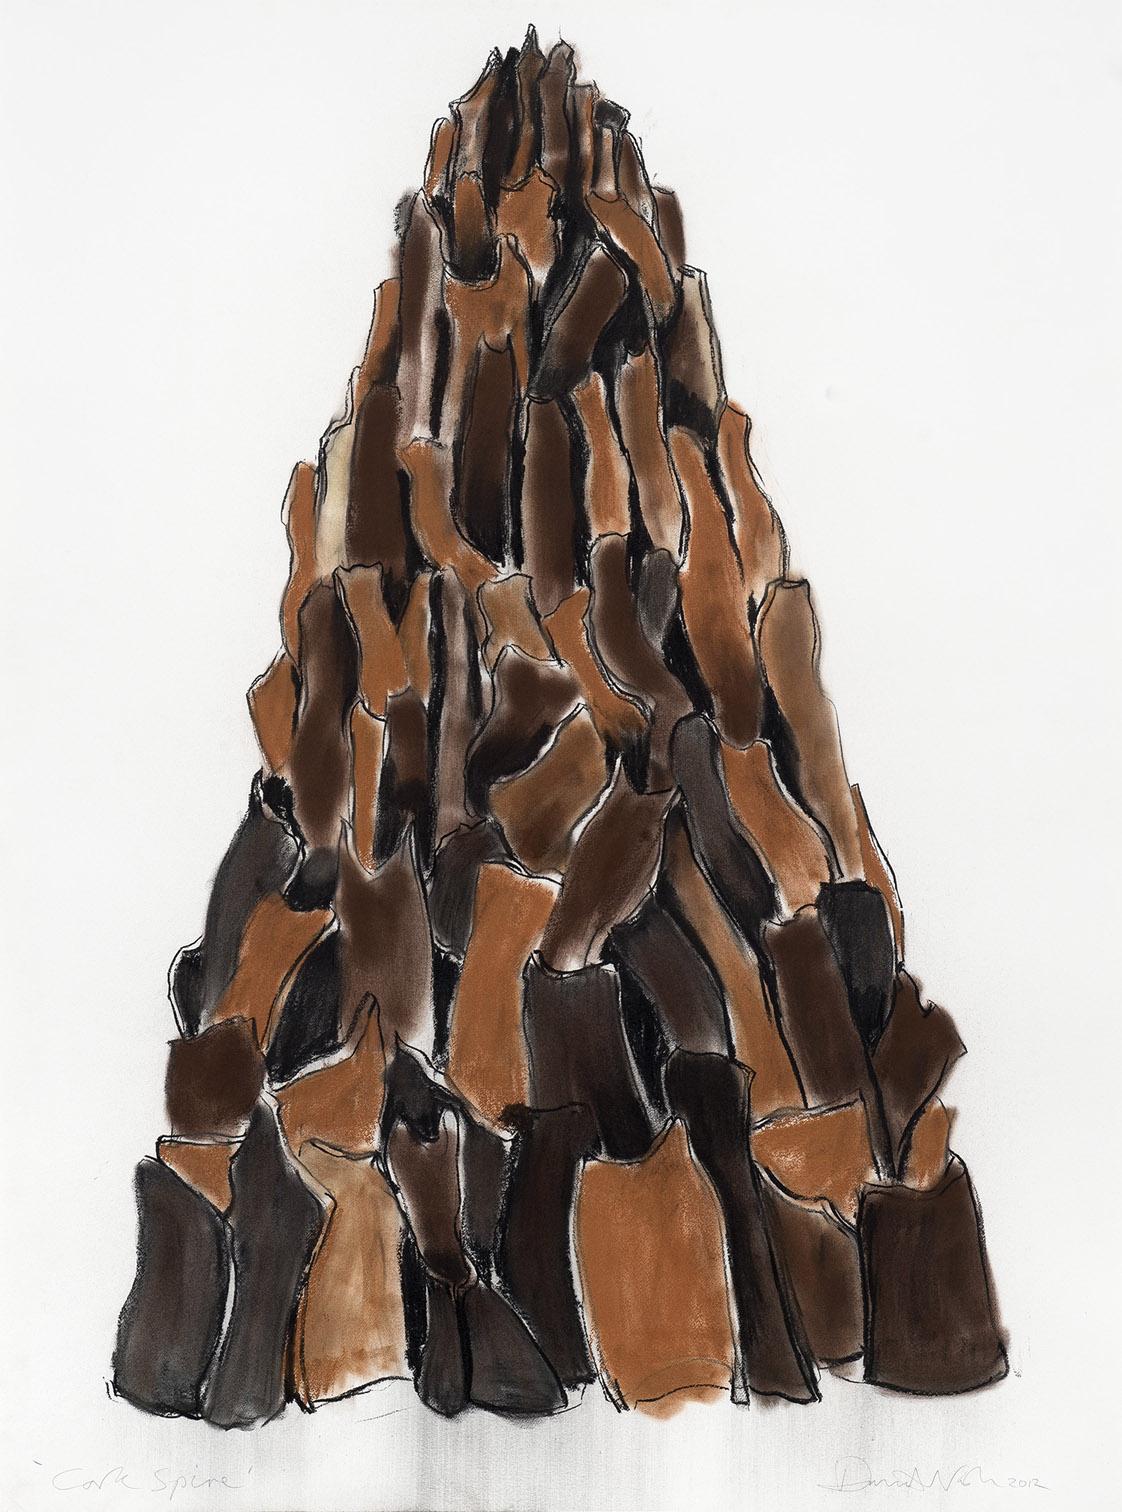 Cork Spire 2012 Pastel et fusain sur papier 150x120 cm